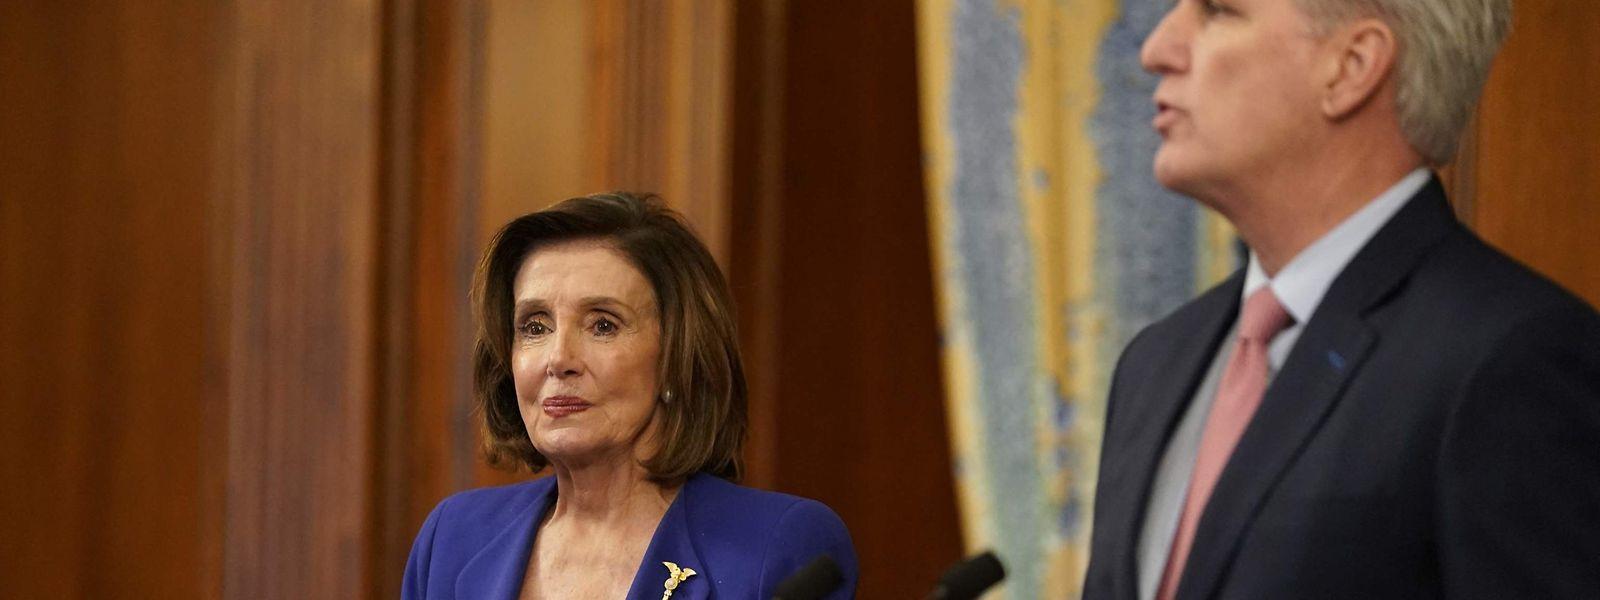 Nancy Pelosi und Kevin McCarthy haben sich seit den Attacken auf das Kapitol zunehmend entzweit.